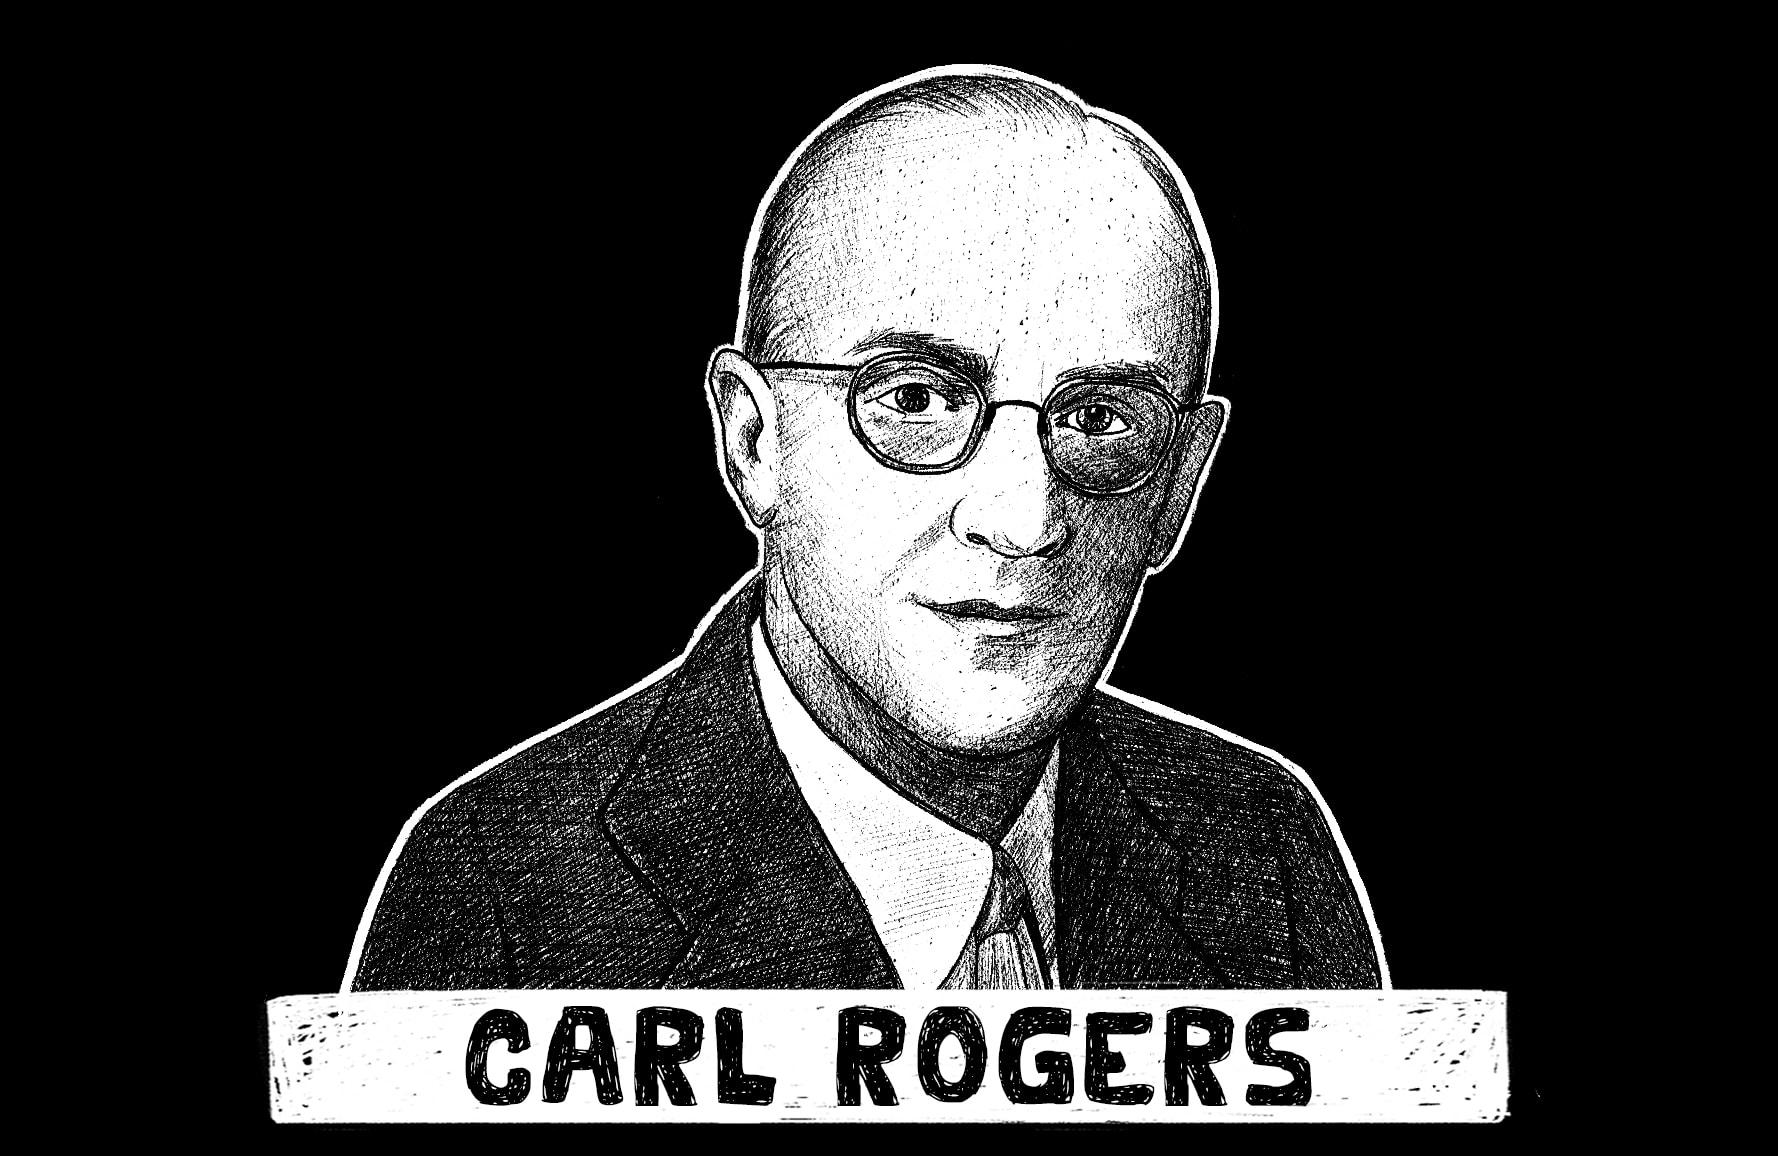 Carl Rogers